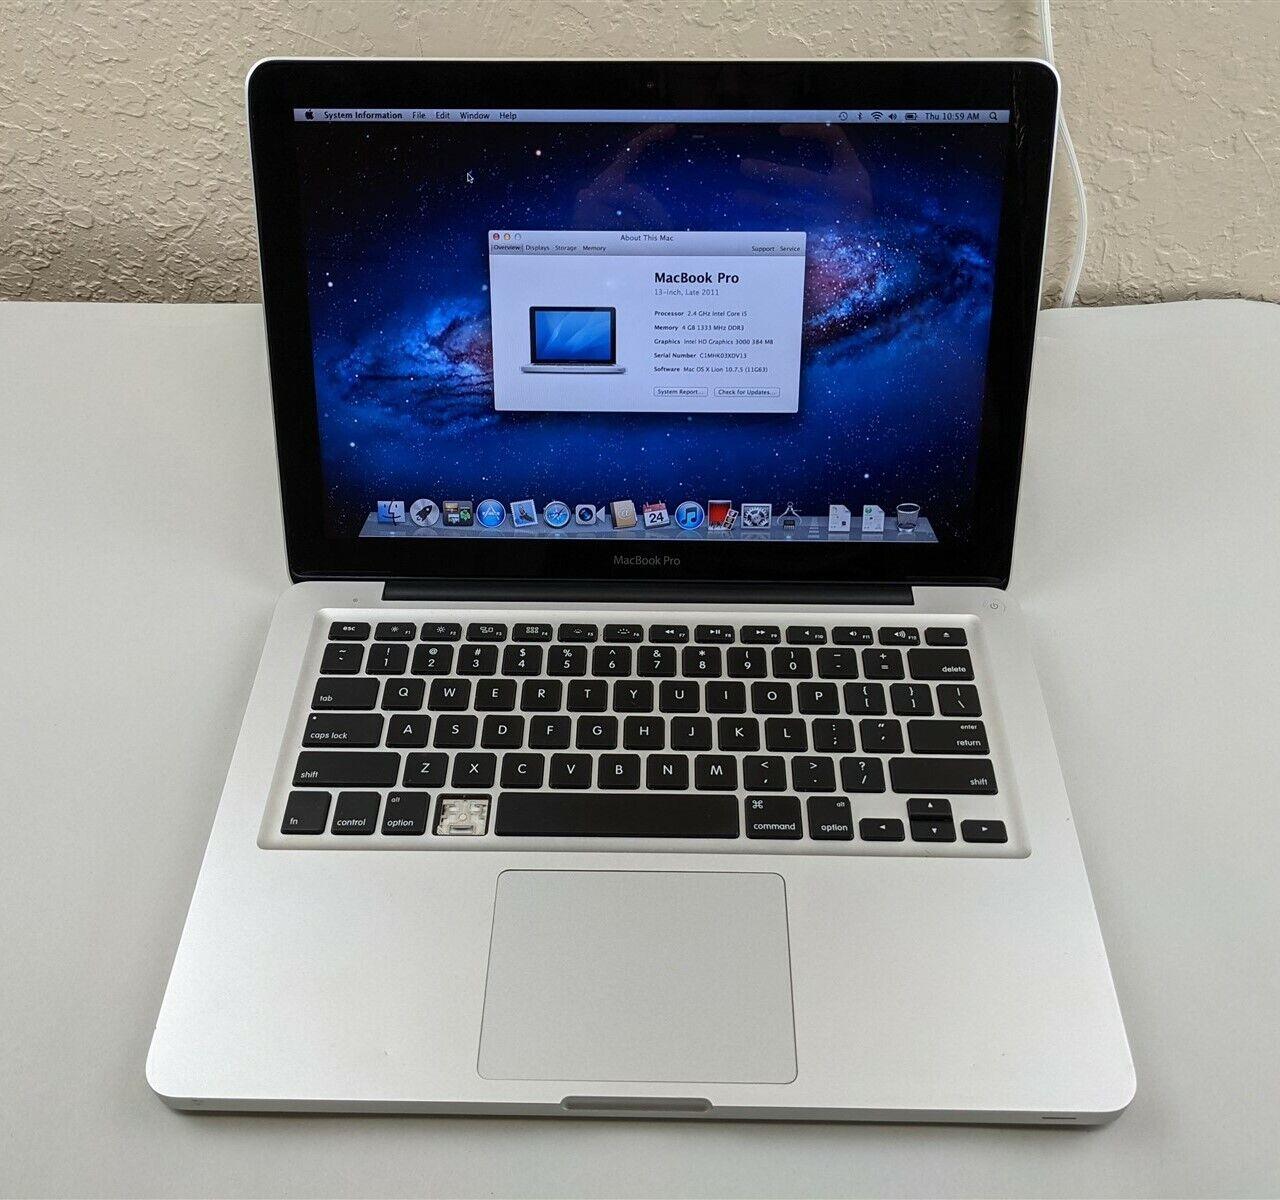 Apple MacBook Pro A1278 i5-2435M 2.40GHz 4GB RAM 500GB HDD 1